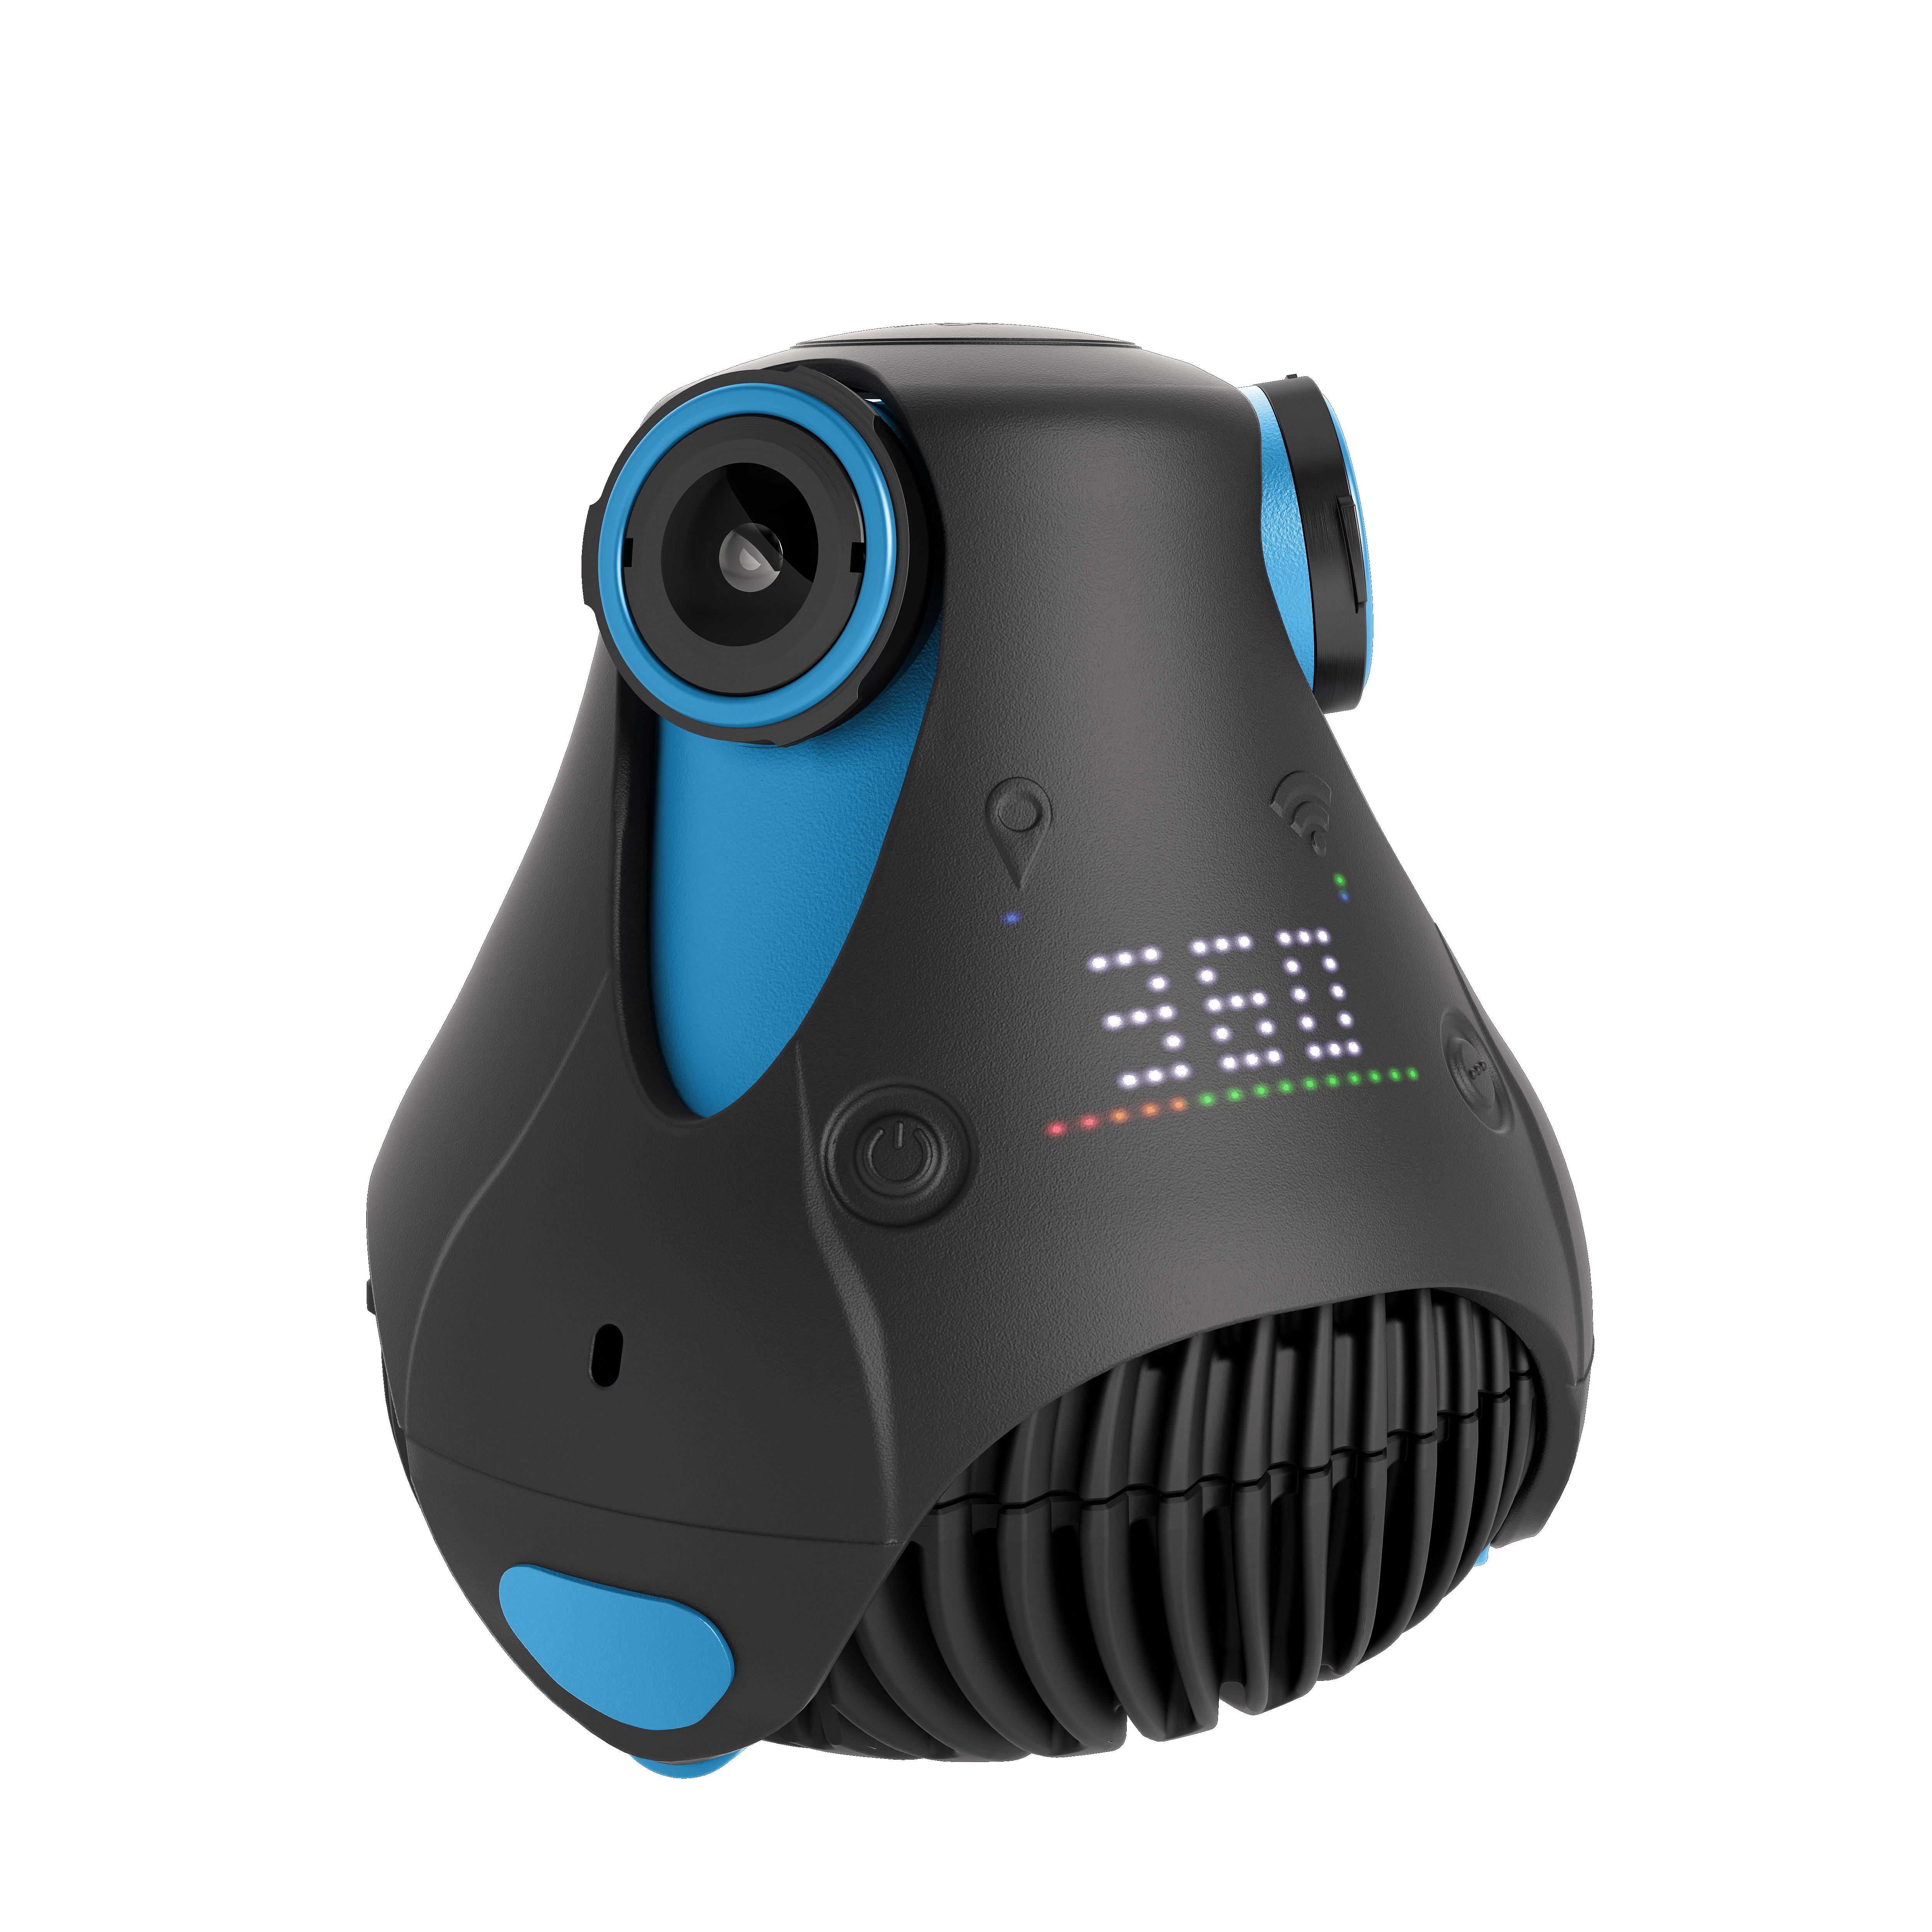 HD 360 Degree Camera_Online Camera